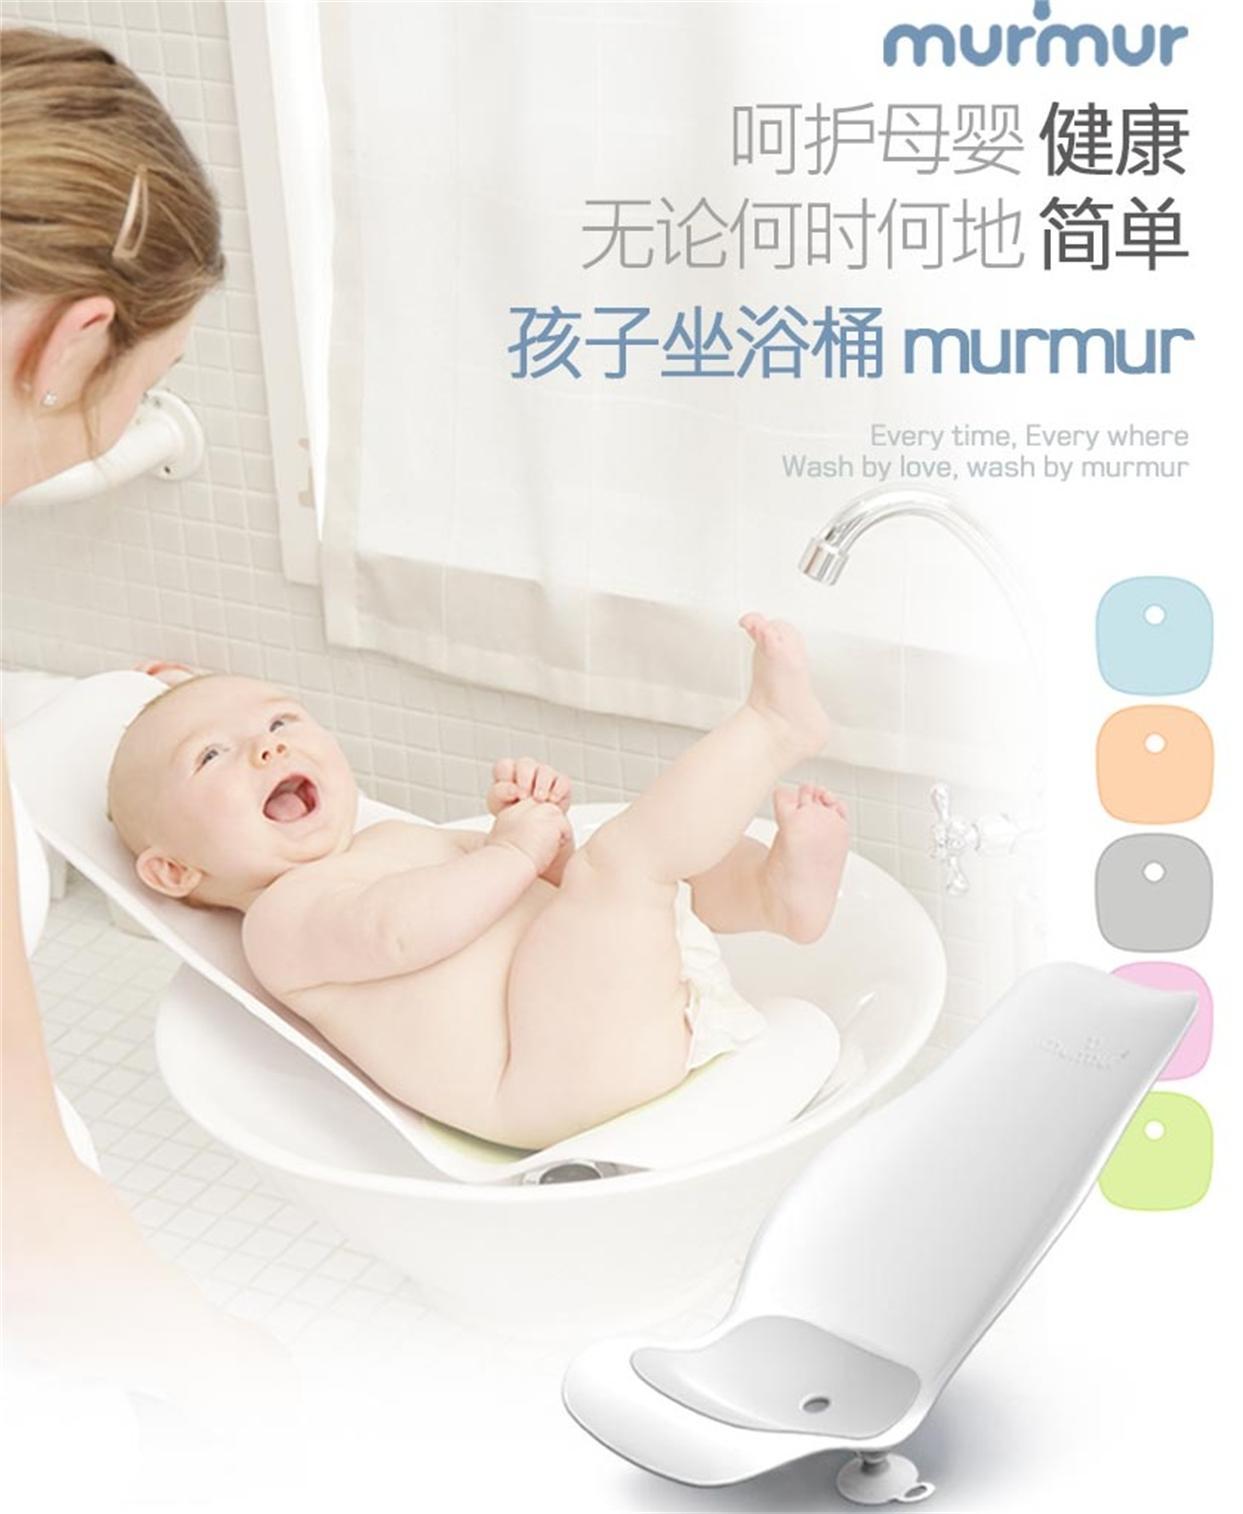 murmur么么智能婴儿浴盆